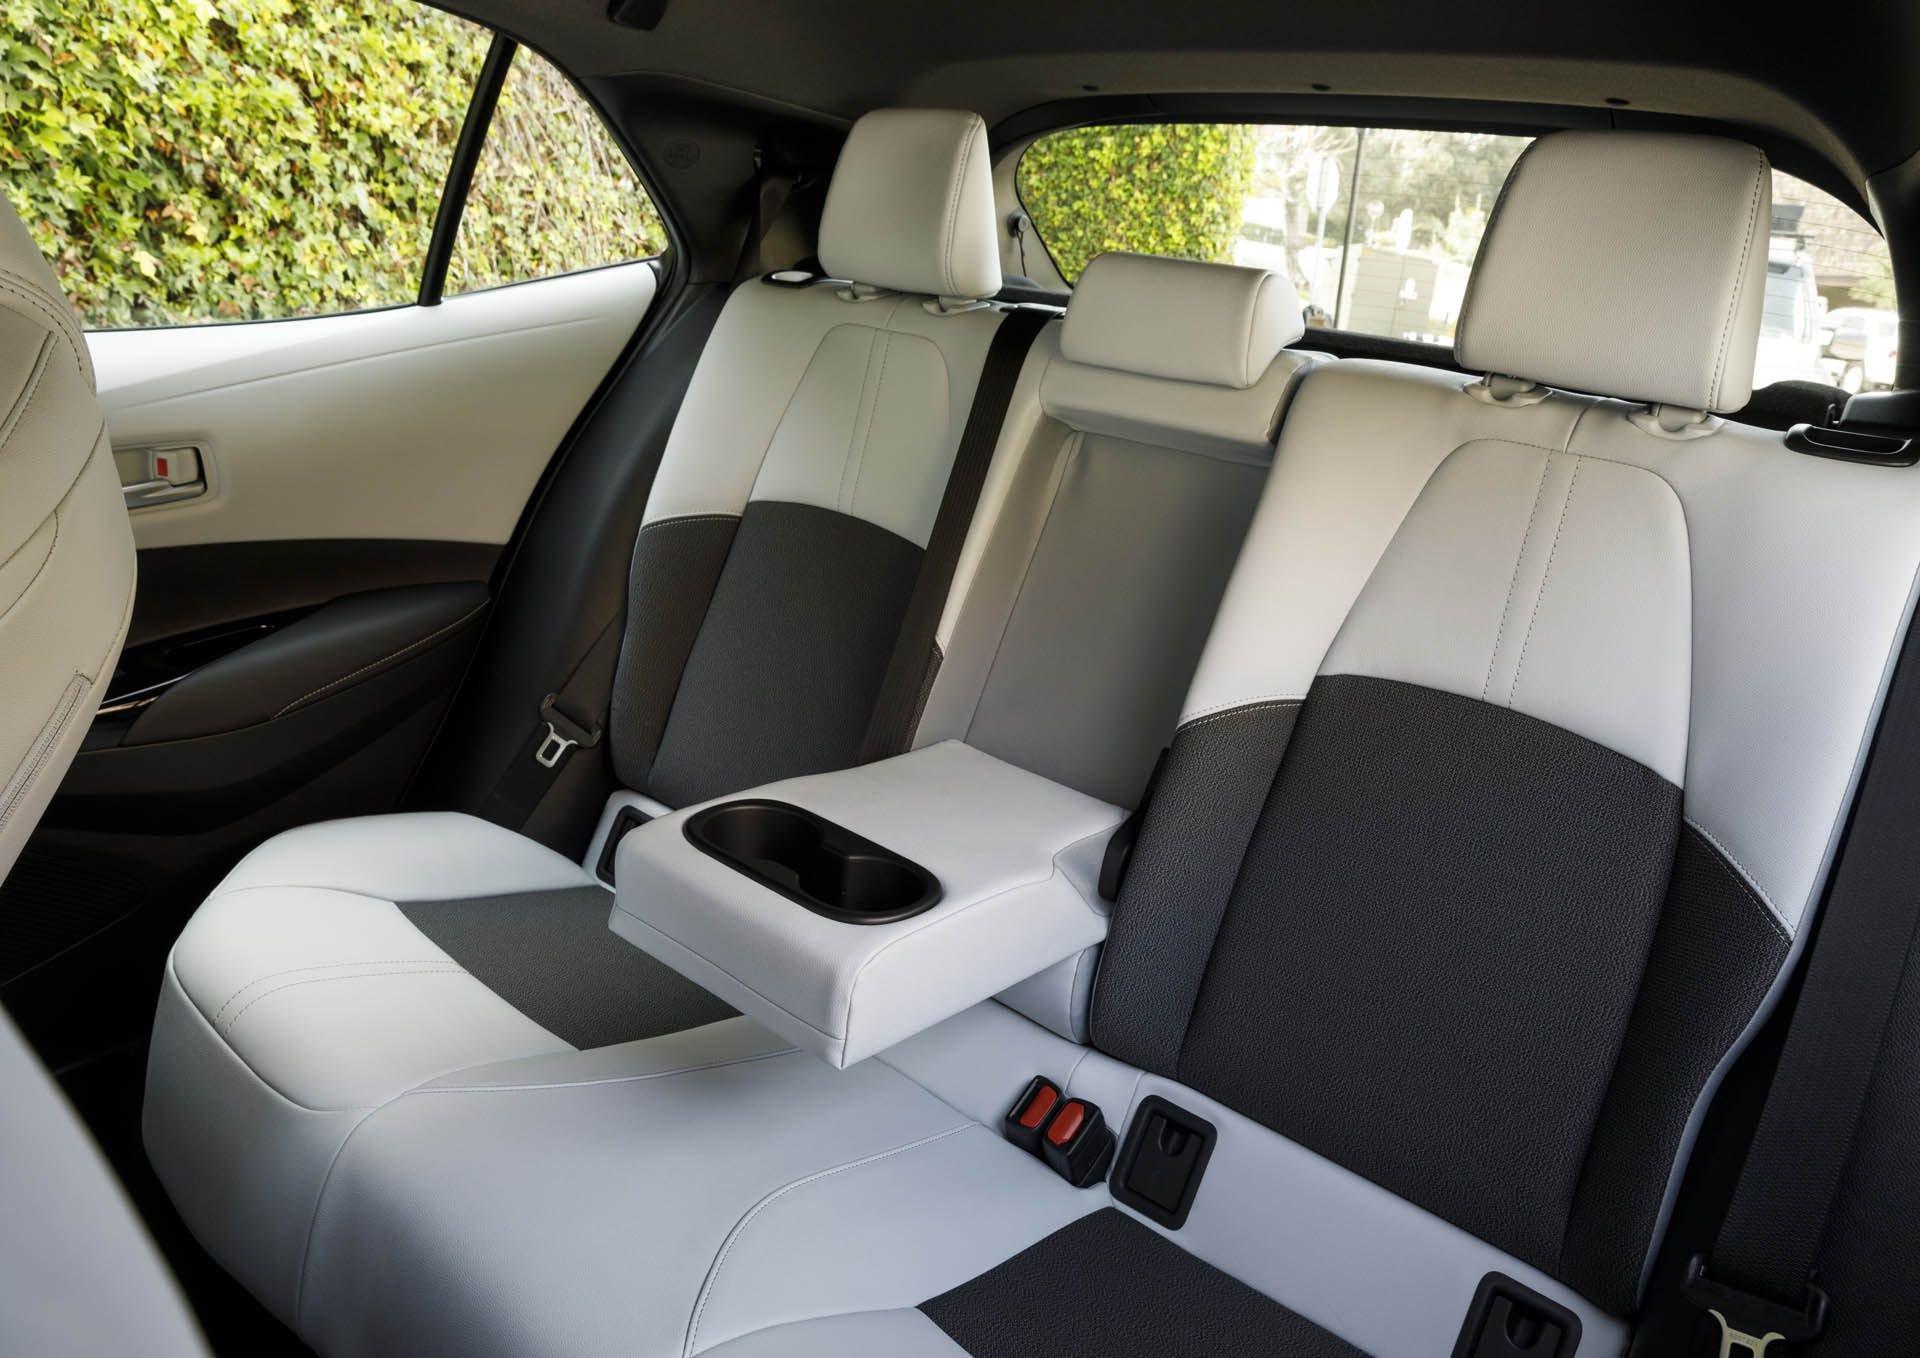 Toyota-Corolla-Hatchback-2019-co-gia-duoi-500-trieu-dong-anh-3